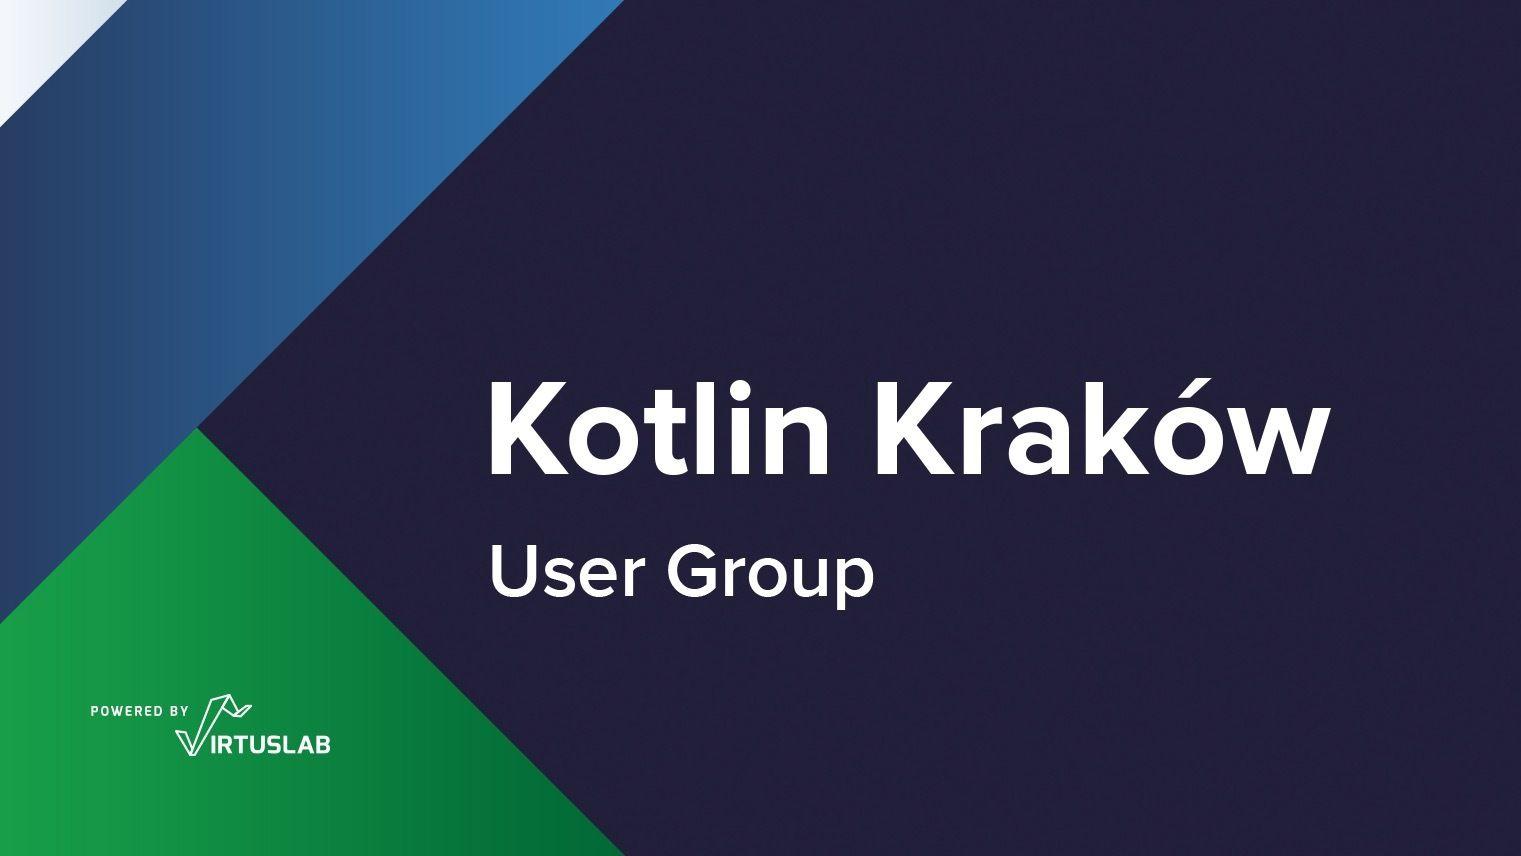 Kraków Kotlin User Group